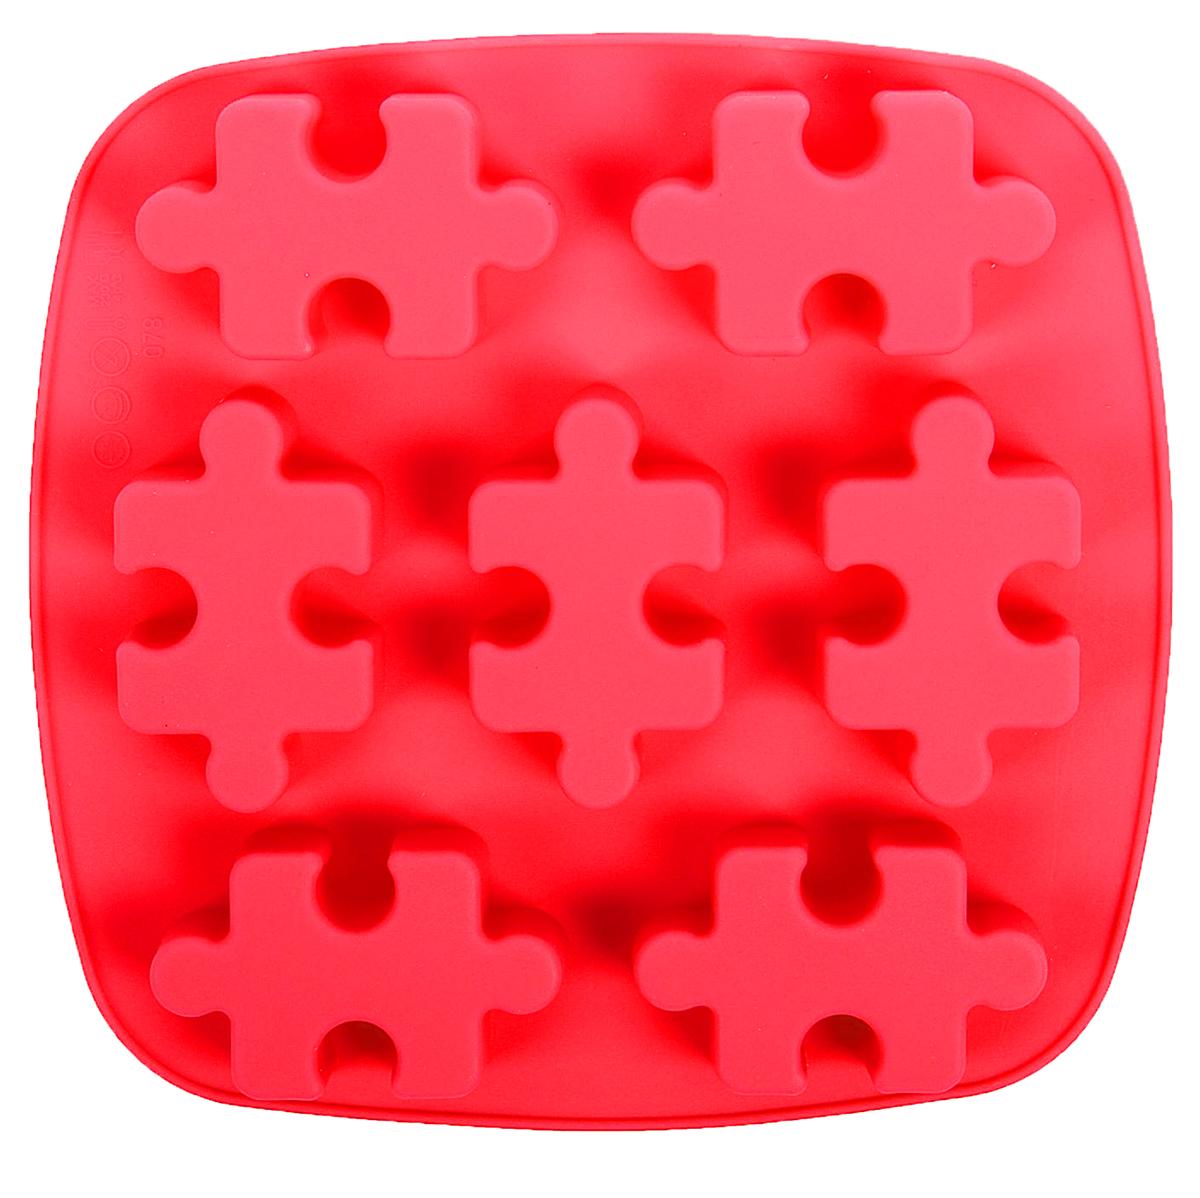 Форма для выпечки Доляна Пазлы, силиконовая, цвет: красный, 17,6 х 18 х 2 см, 7 ячеек1857437_красныйФорма Доляна Пазлы, изготовленная из силикона, имеет 7 ячеек в виде мозаики. Силиконовые формы для выпечки имеют множество преимуществ по сравнению с традиционными металлическими формами и противнями. Нет необходимости смазывать форму маслом. Форма быстро нагревается, равномерно пропекает, не допускает подгорания выпечки с краев или снизу.Вынимать продукты из формы очень легко. Слегка выверните края формы или оттяните в сторону, и ваша выпечка легко выскользнет из формы. Материал устойчив к фруктовым кислотам, не ржавеет, на нем не образуются пятна. Форма может быть использована в духовках и микроволновых печах (выдерживает температуру от -40°С до +250°С), также ее можно помещать в морозильную камеру и холодильник. Можно мыть в посудомоечной машине.Размер формы: 17 х 18 х 2 см.Размер ячеек: 6,5 х 4 х 2 см.